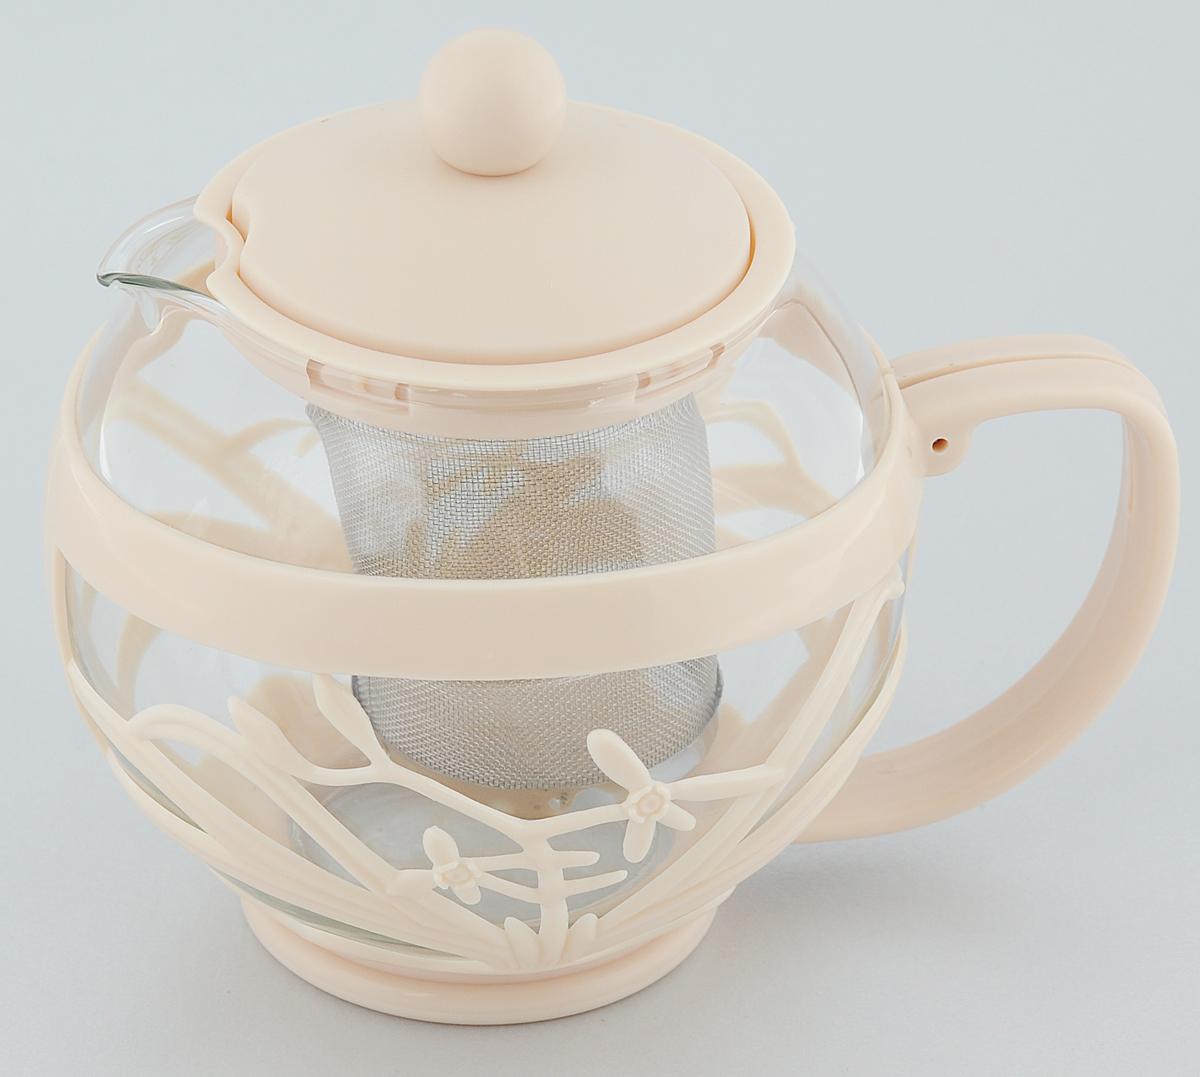 Чайник заварочный Menu Мелисса, с фильтром, цвет: прозрачный, бежевый, 750 млMLS-75Чайник Menu Мелисса изготовлен из прочного стекла и пластика. Он прекрасно подойдет для заваривания чая и травяных напитков. Классический стиль и оптимальный объем делают его удобным и оригинальным аксессуаром. Изделие имеет удлиненный металлический фильтр, который обеспечивает высокое качество фильтрации напитка и позволяет заварить чай даже при небольшом уровне воды. Ручка чайника не нагревается и обеспечивает безопасность использования. Нельзя мыть в посудомоечной машине. Диаметр чайника (по верхнему краю): 8 см.Высота чайника (без учета крышки): 11 см.Размер фильтра: 6 х 6 х 7,2 см.